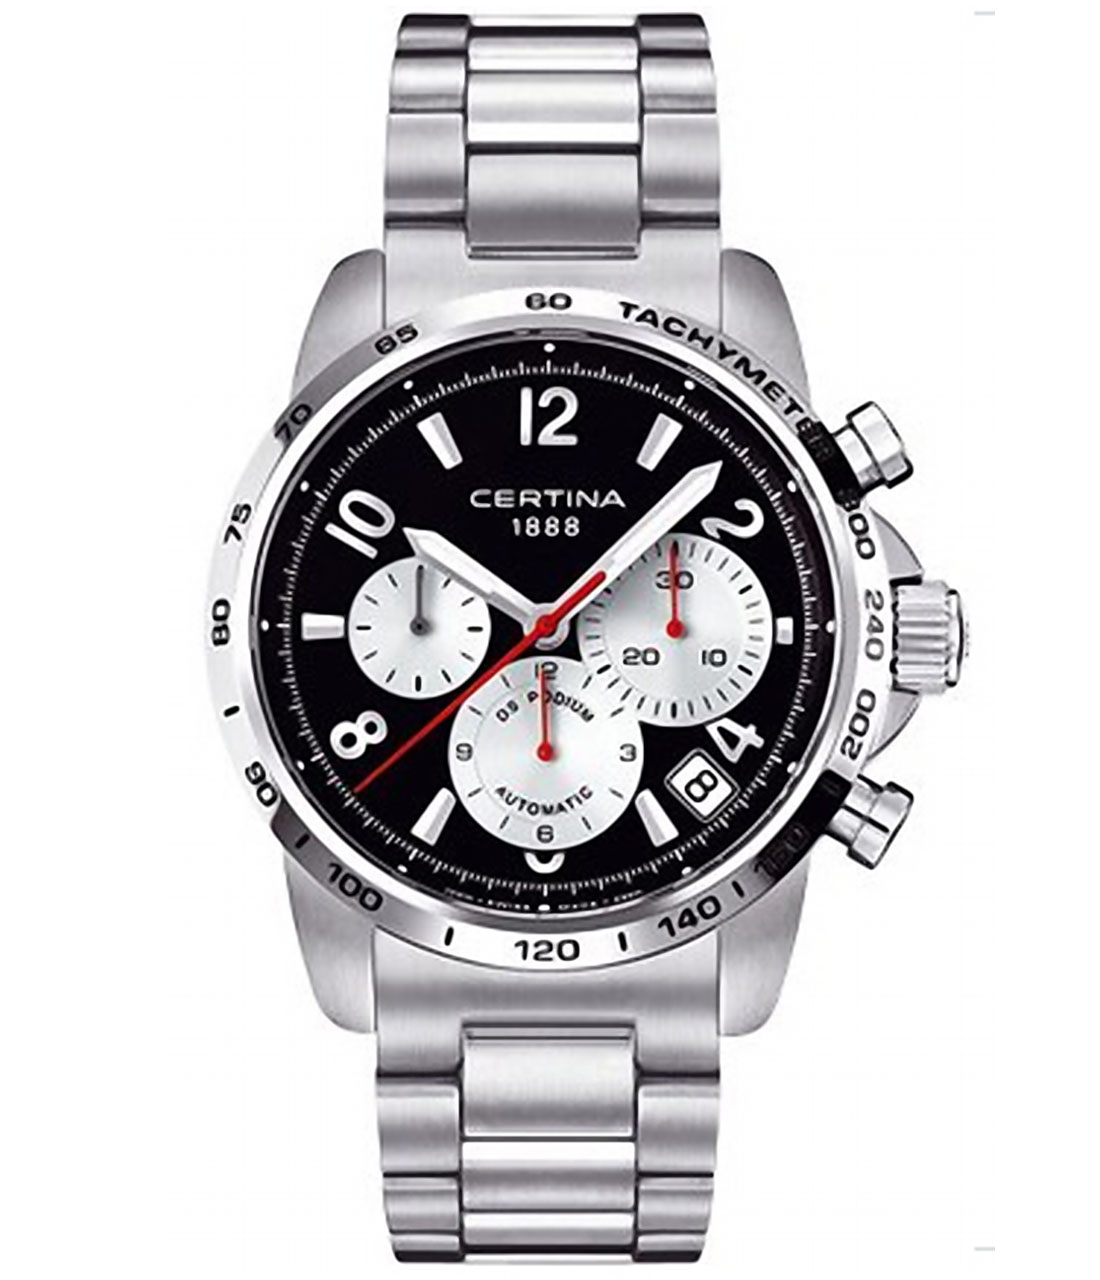 你想知道雪铁纳手表打折吗?